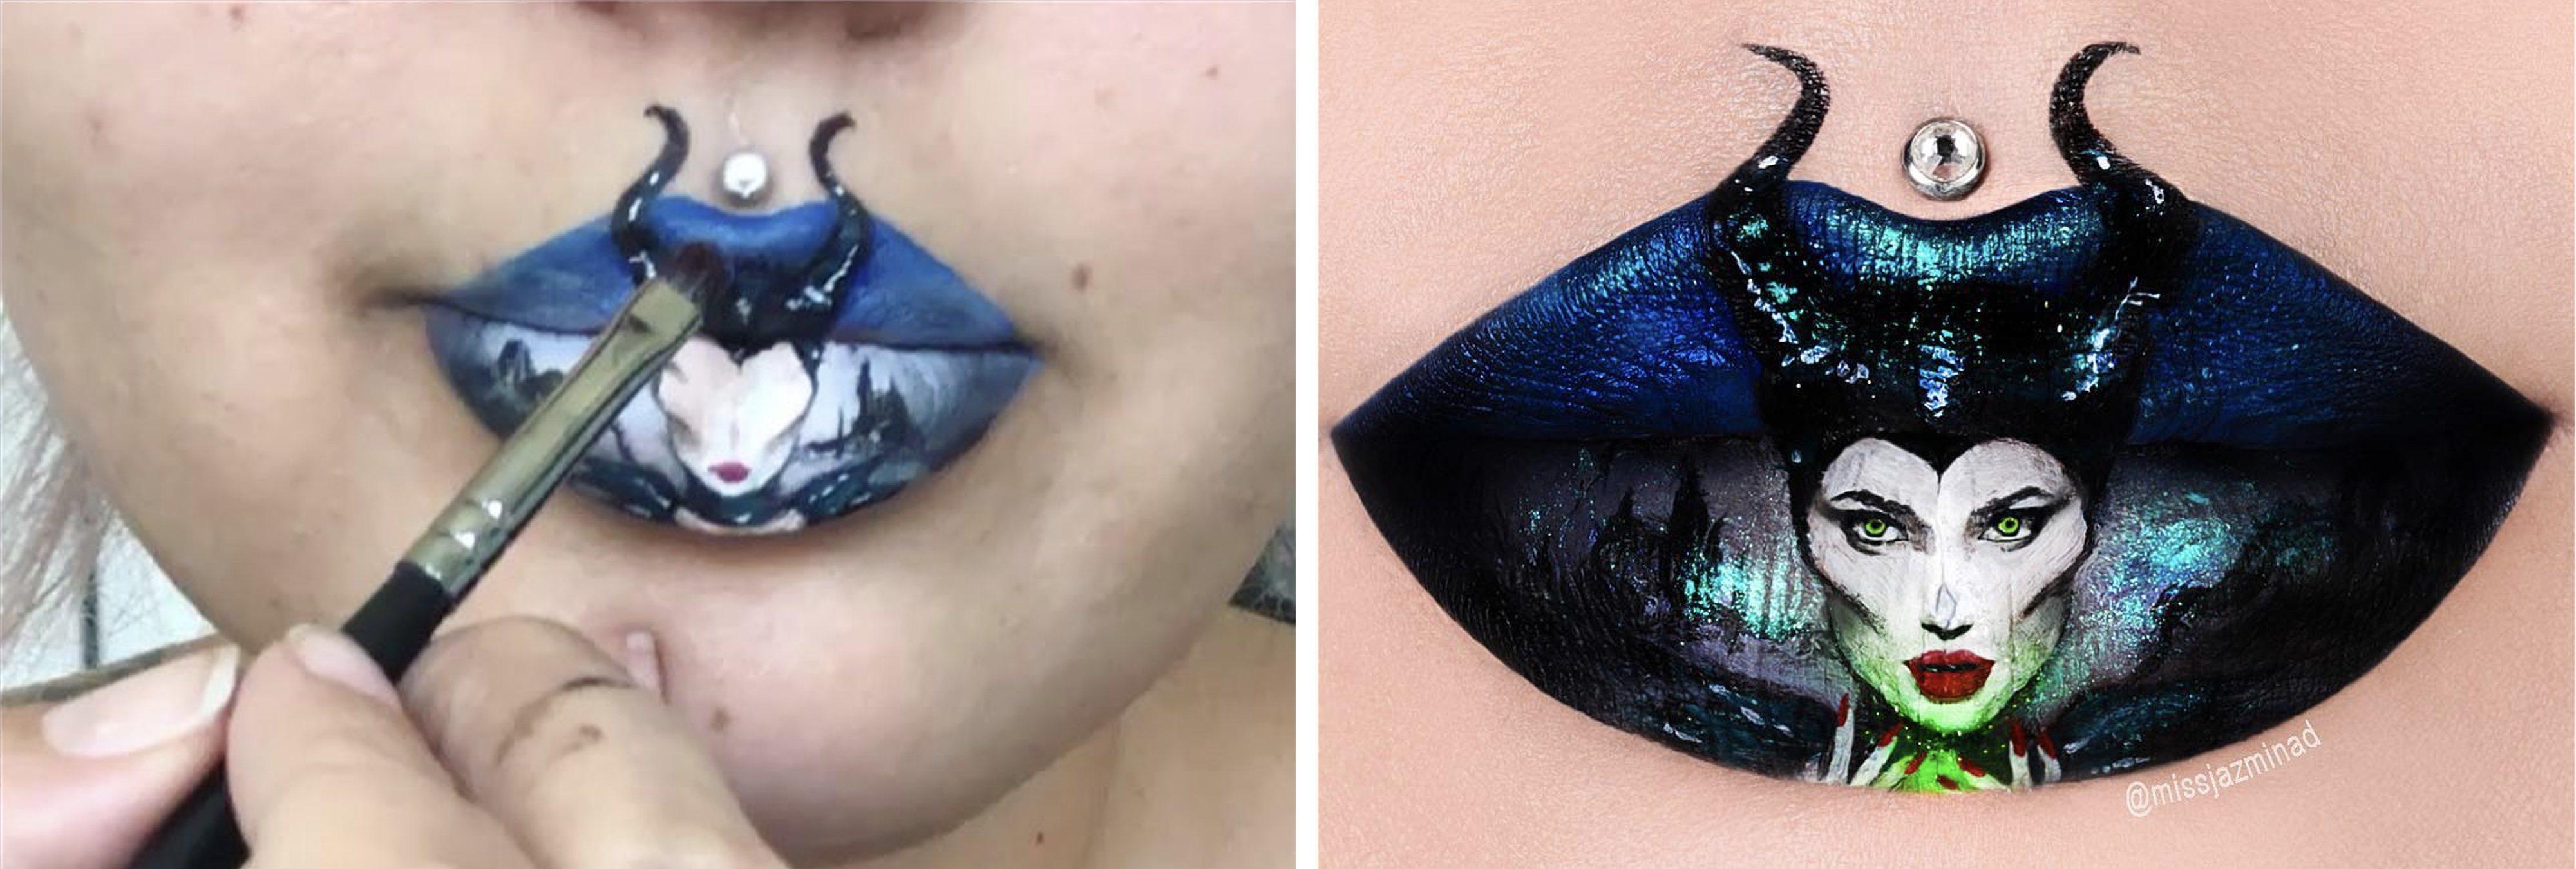 Jazmina Daniel: la instagramer que triunfa con sus maquillajes surrealistas